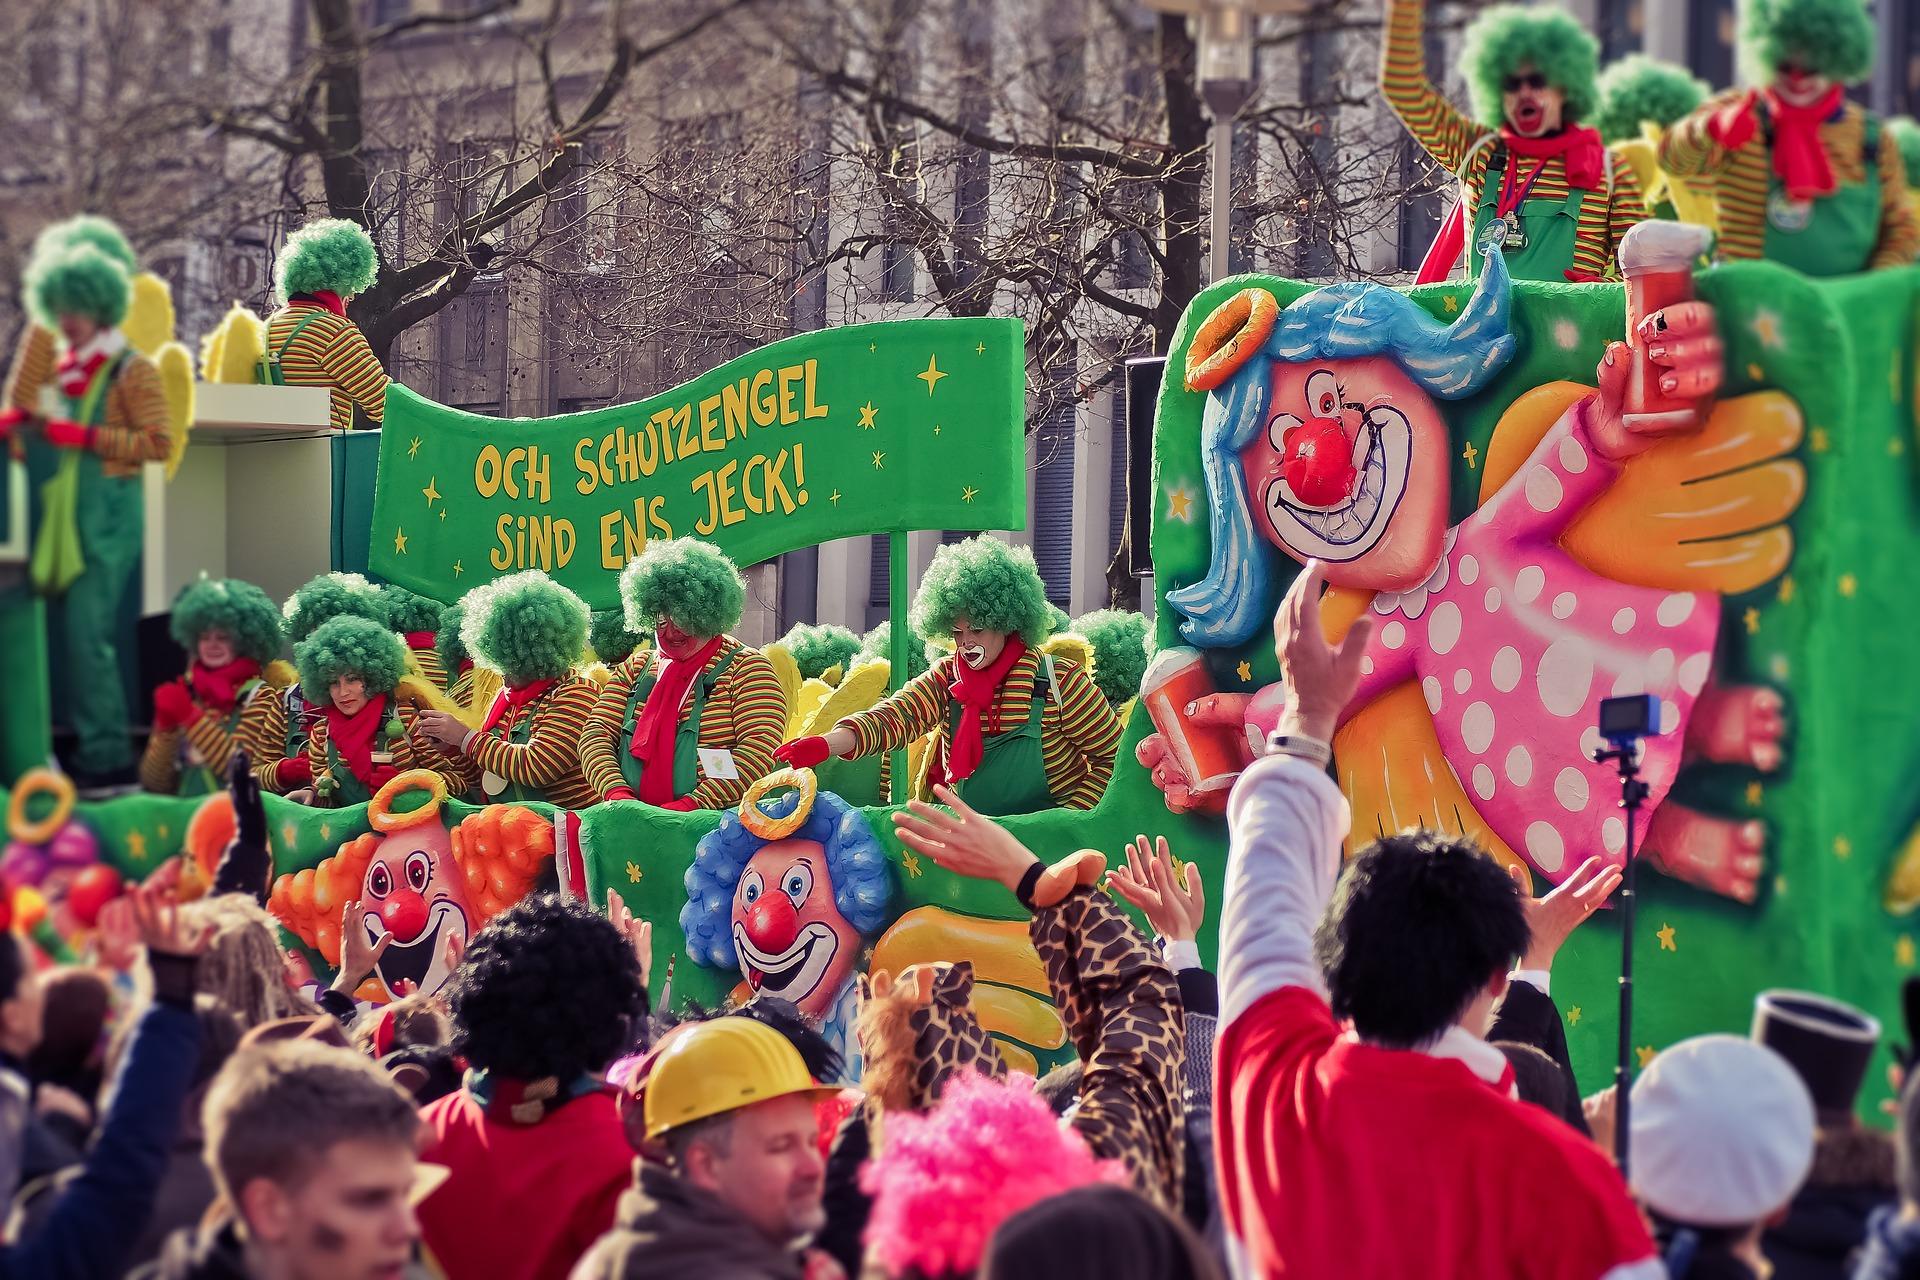 Rosenmontagsumzug - Karneval in Delbrück